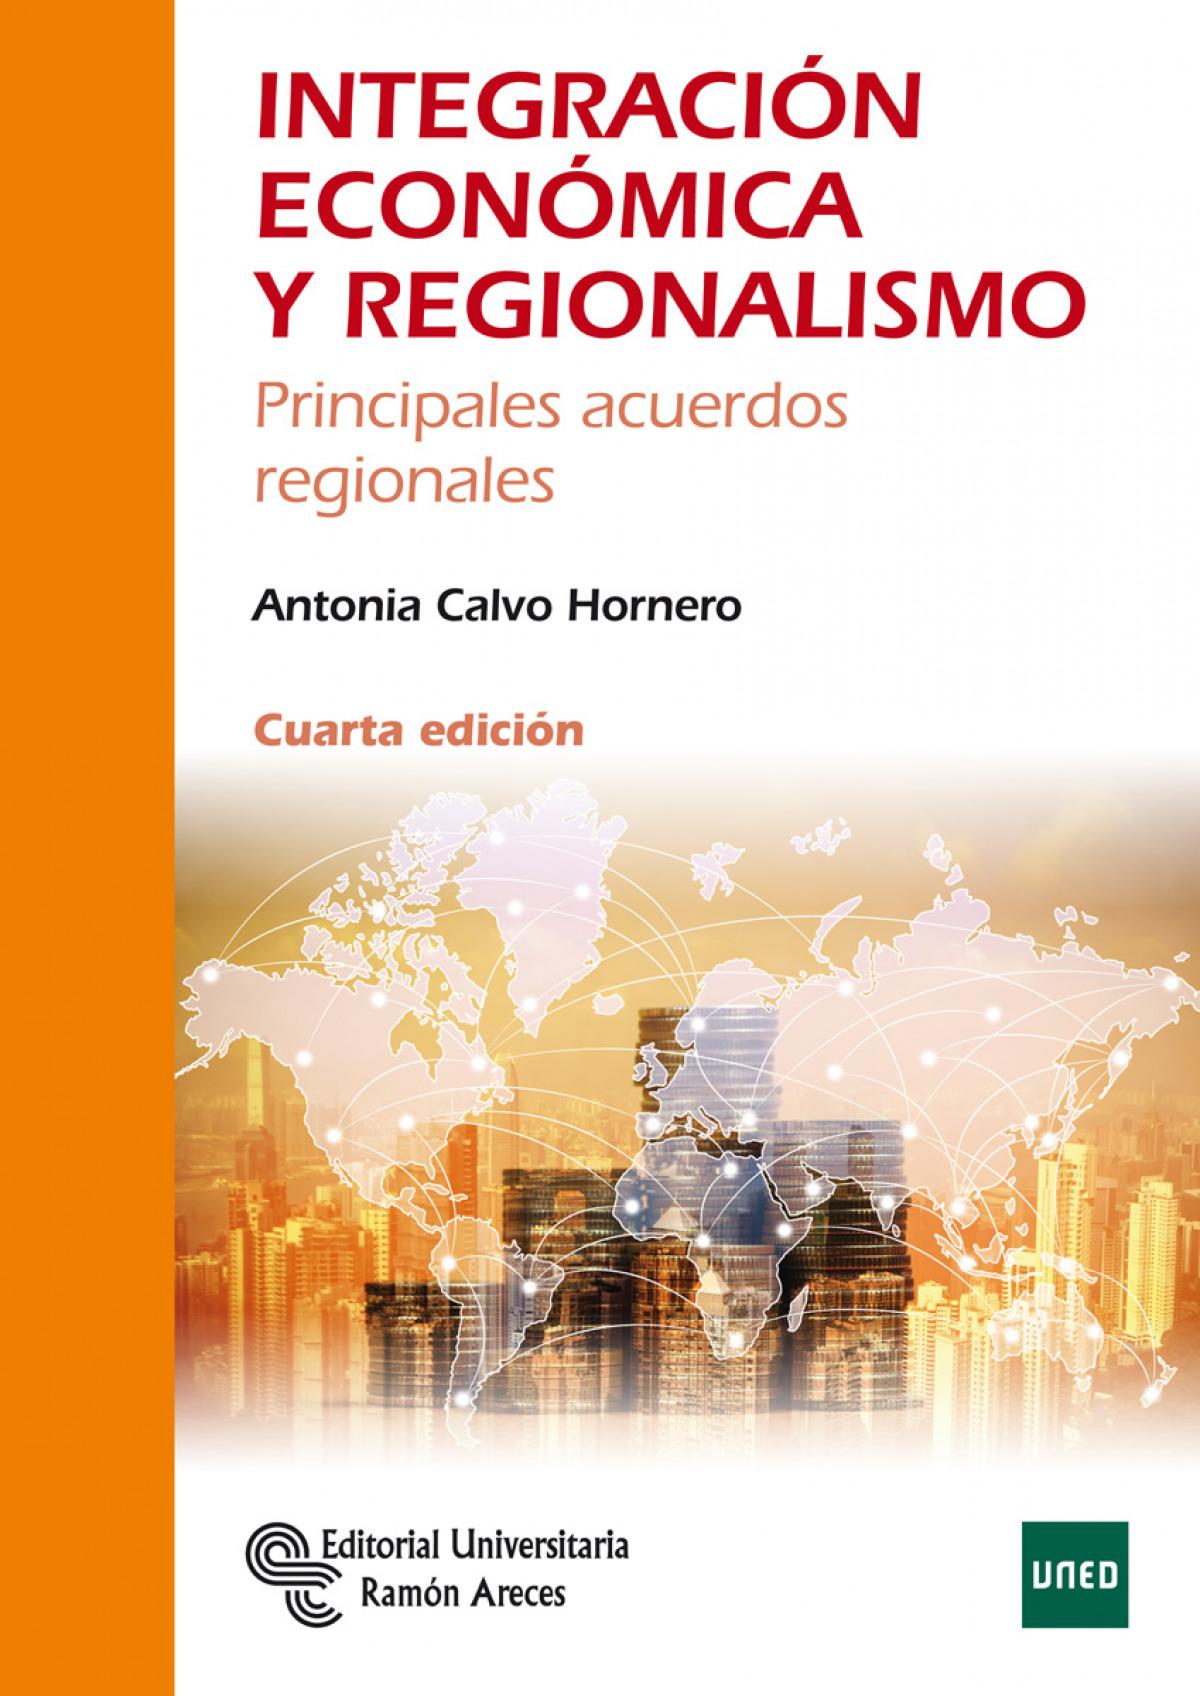 Integración económica y regionalismo